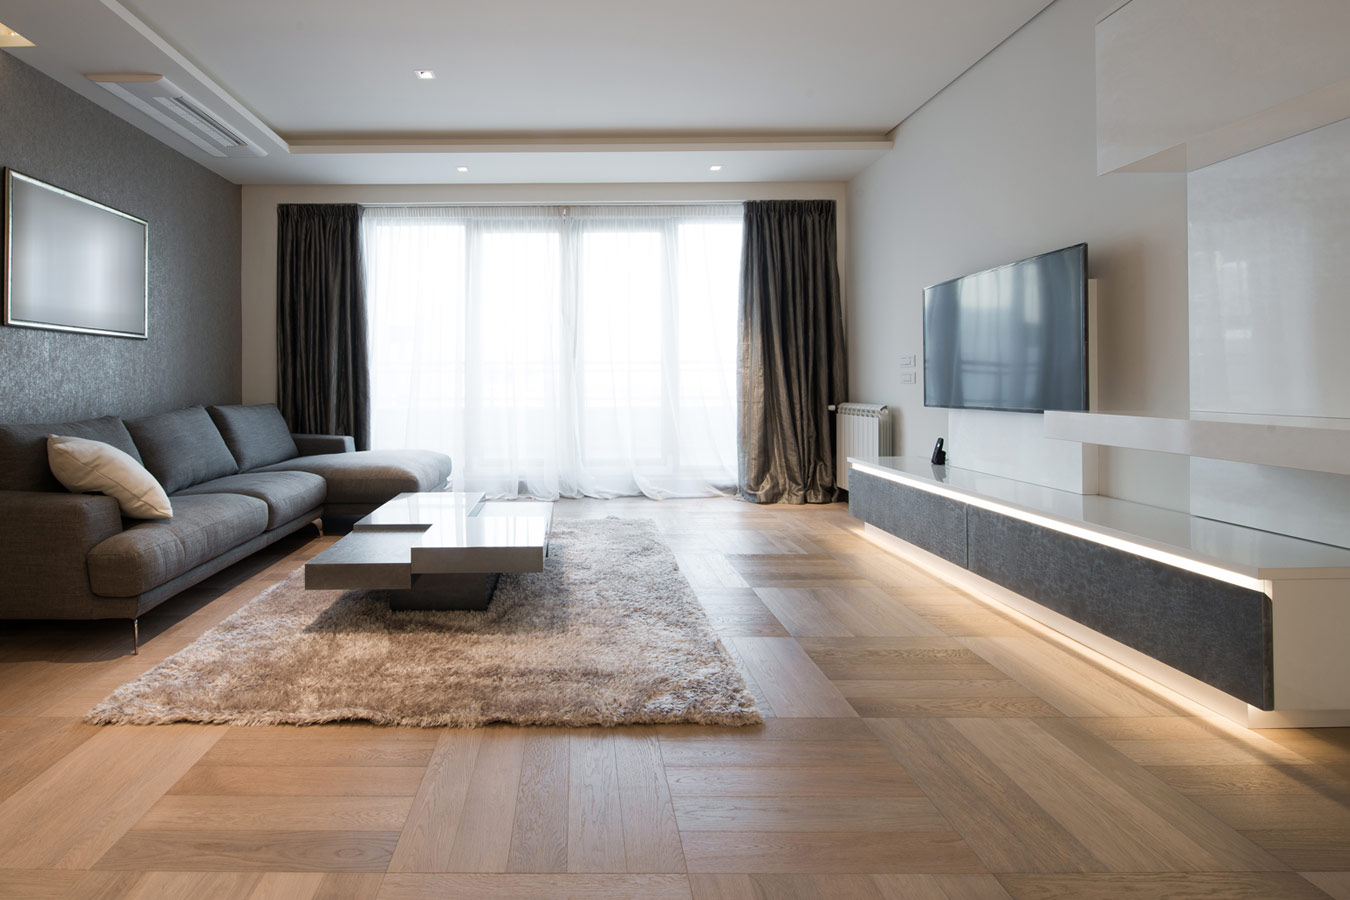 Tv meubel op maat kopen tips inspiratie for Design interieur moderne